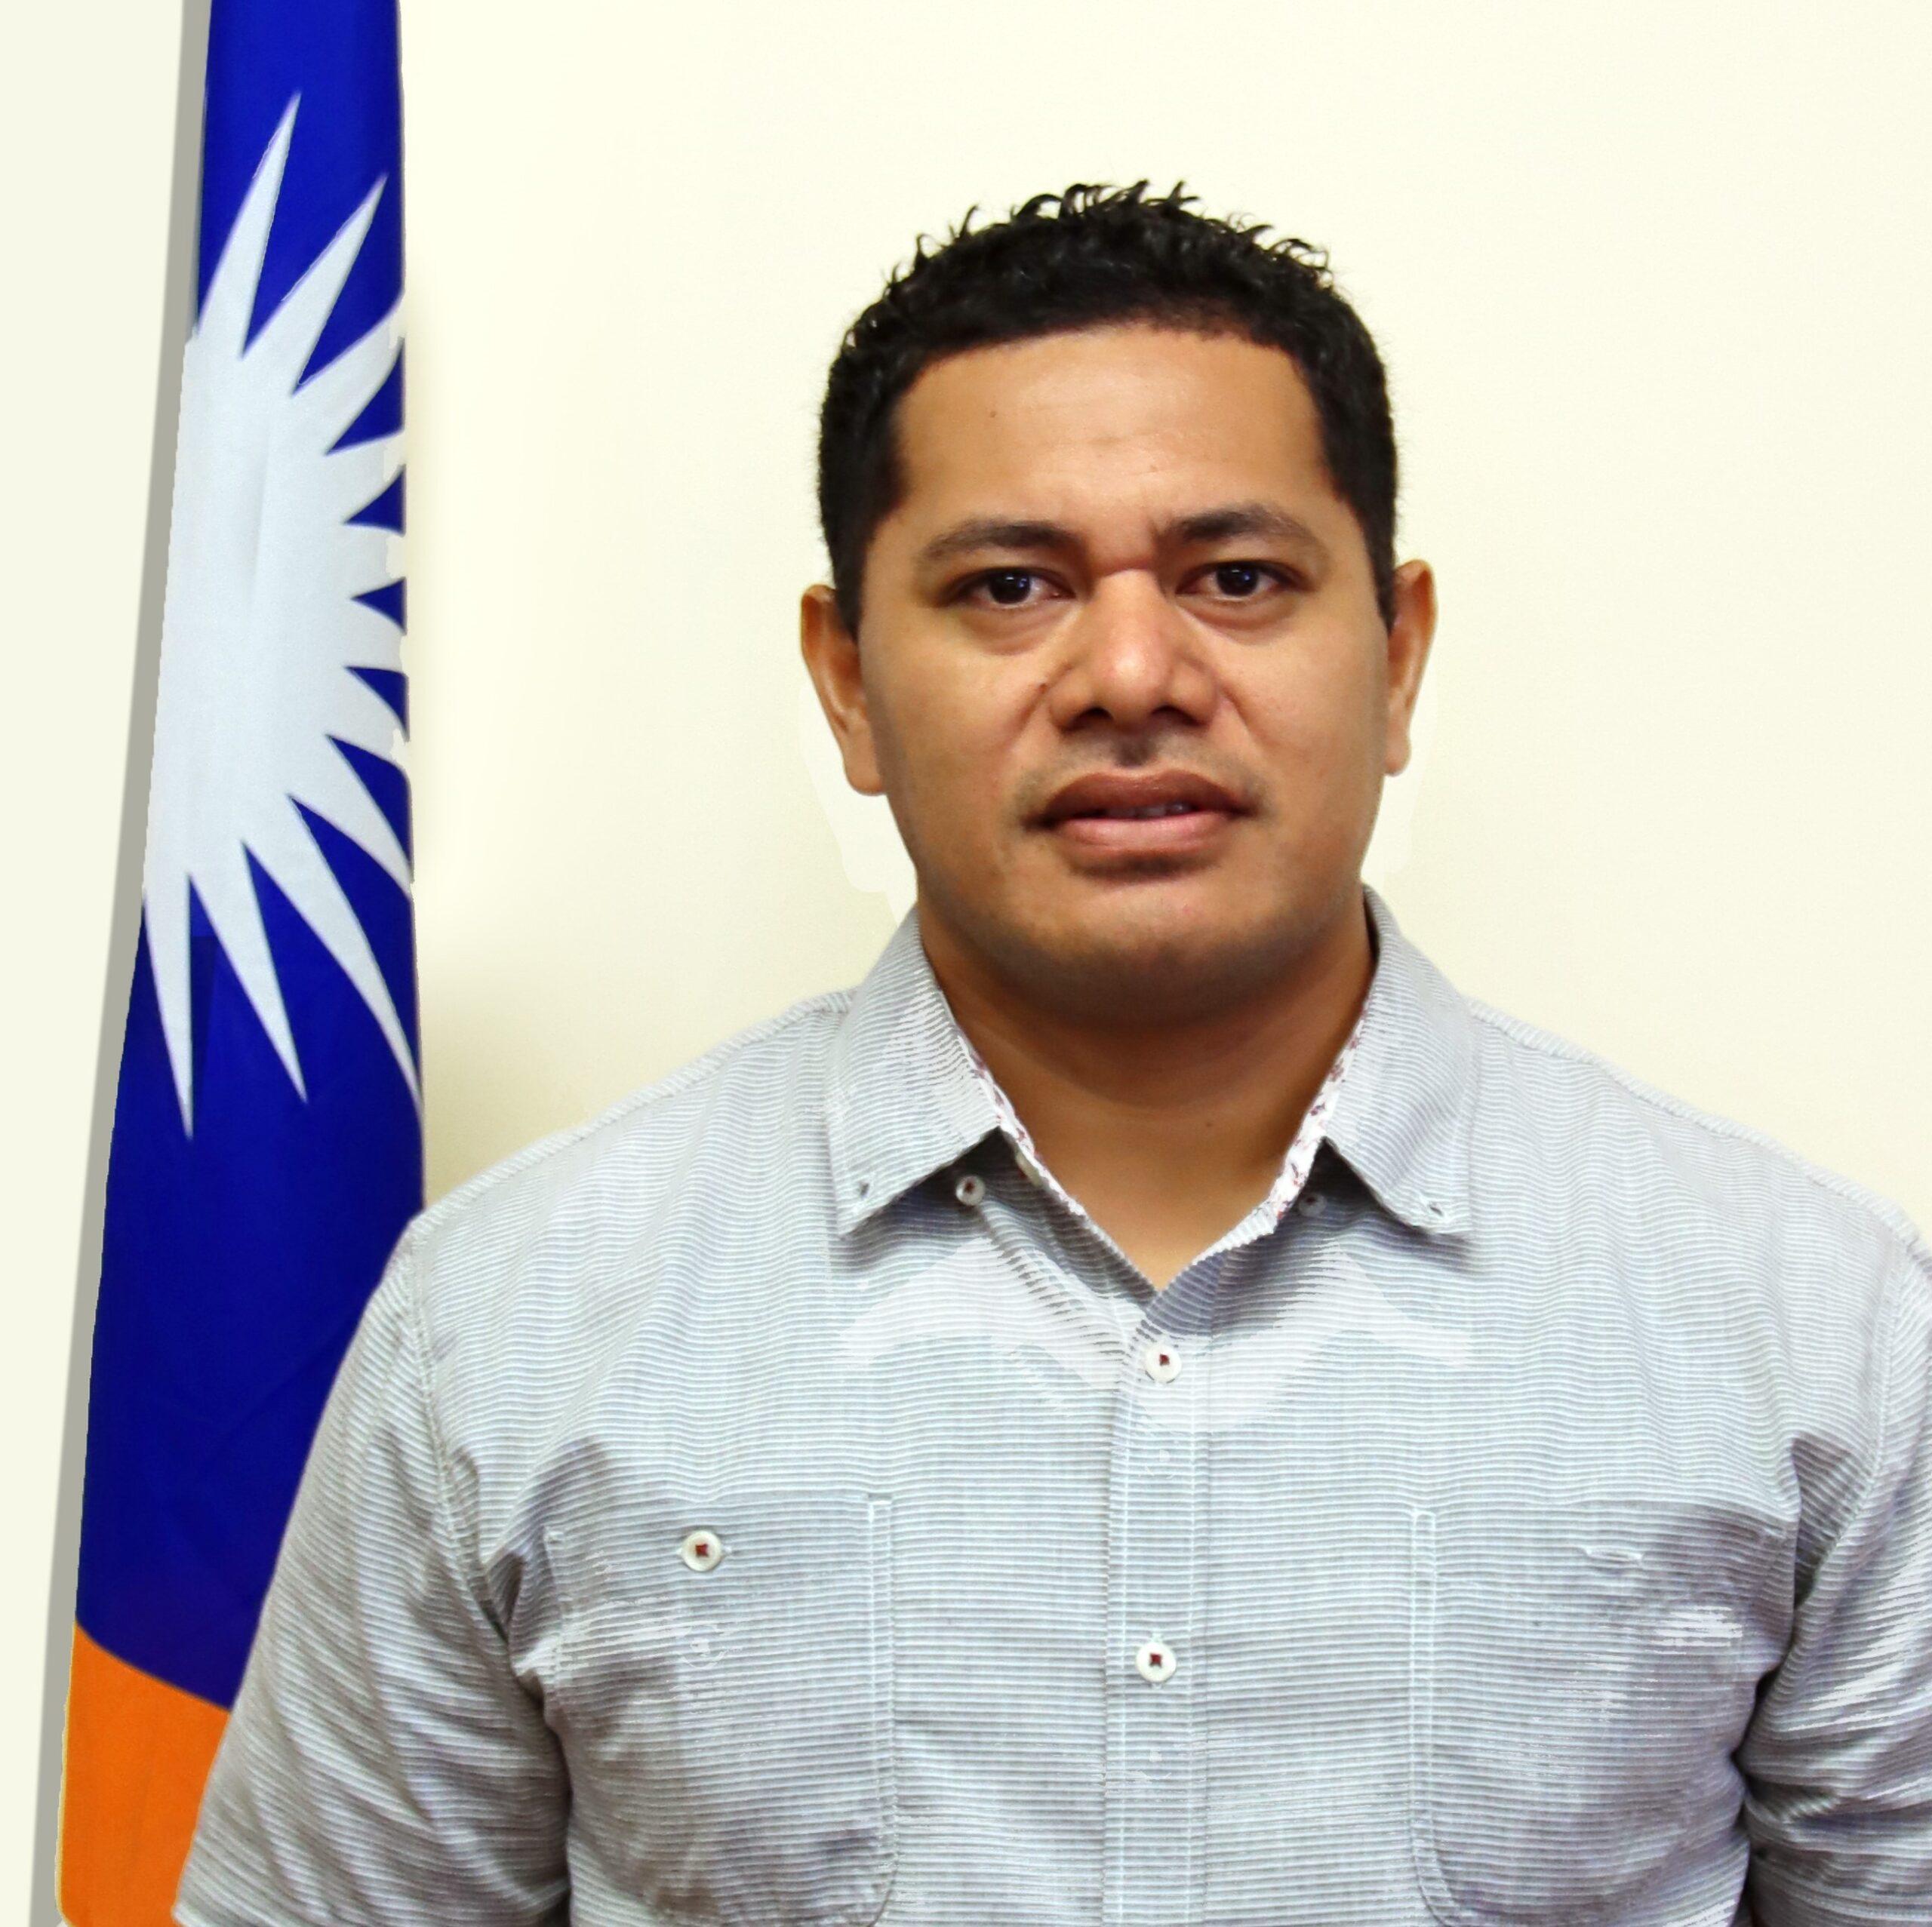 Raymond Saipaia